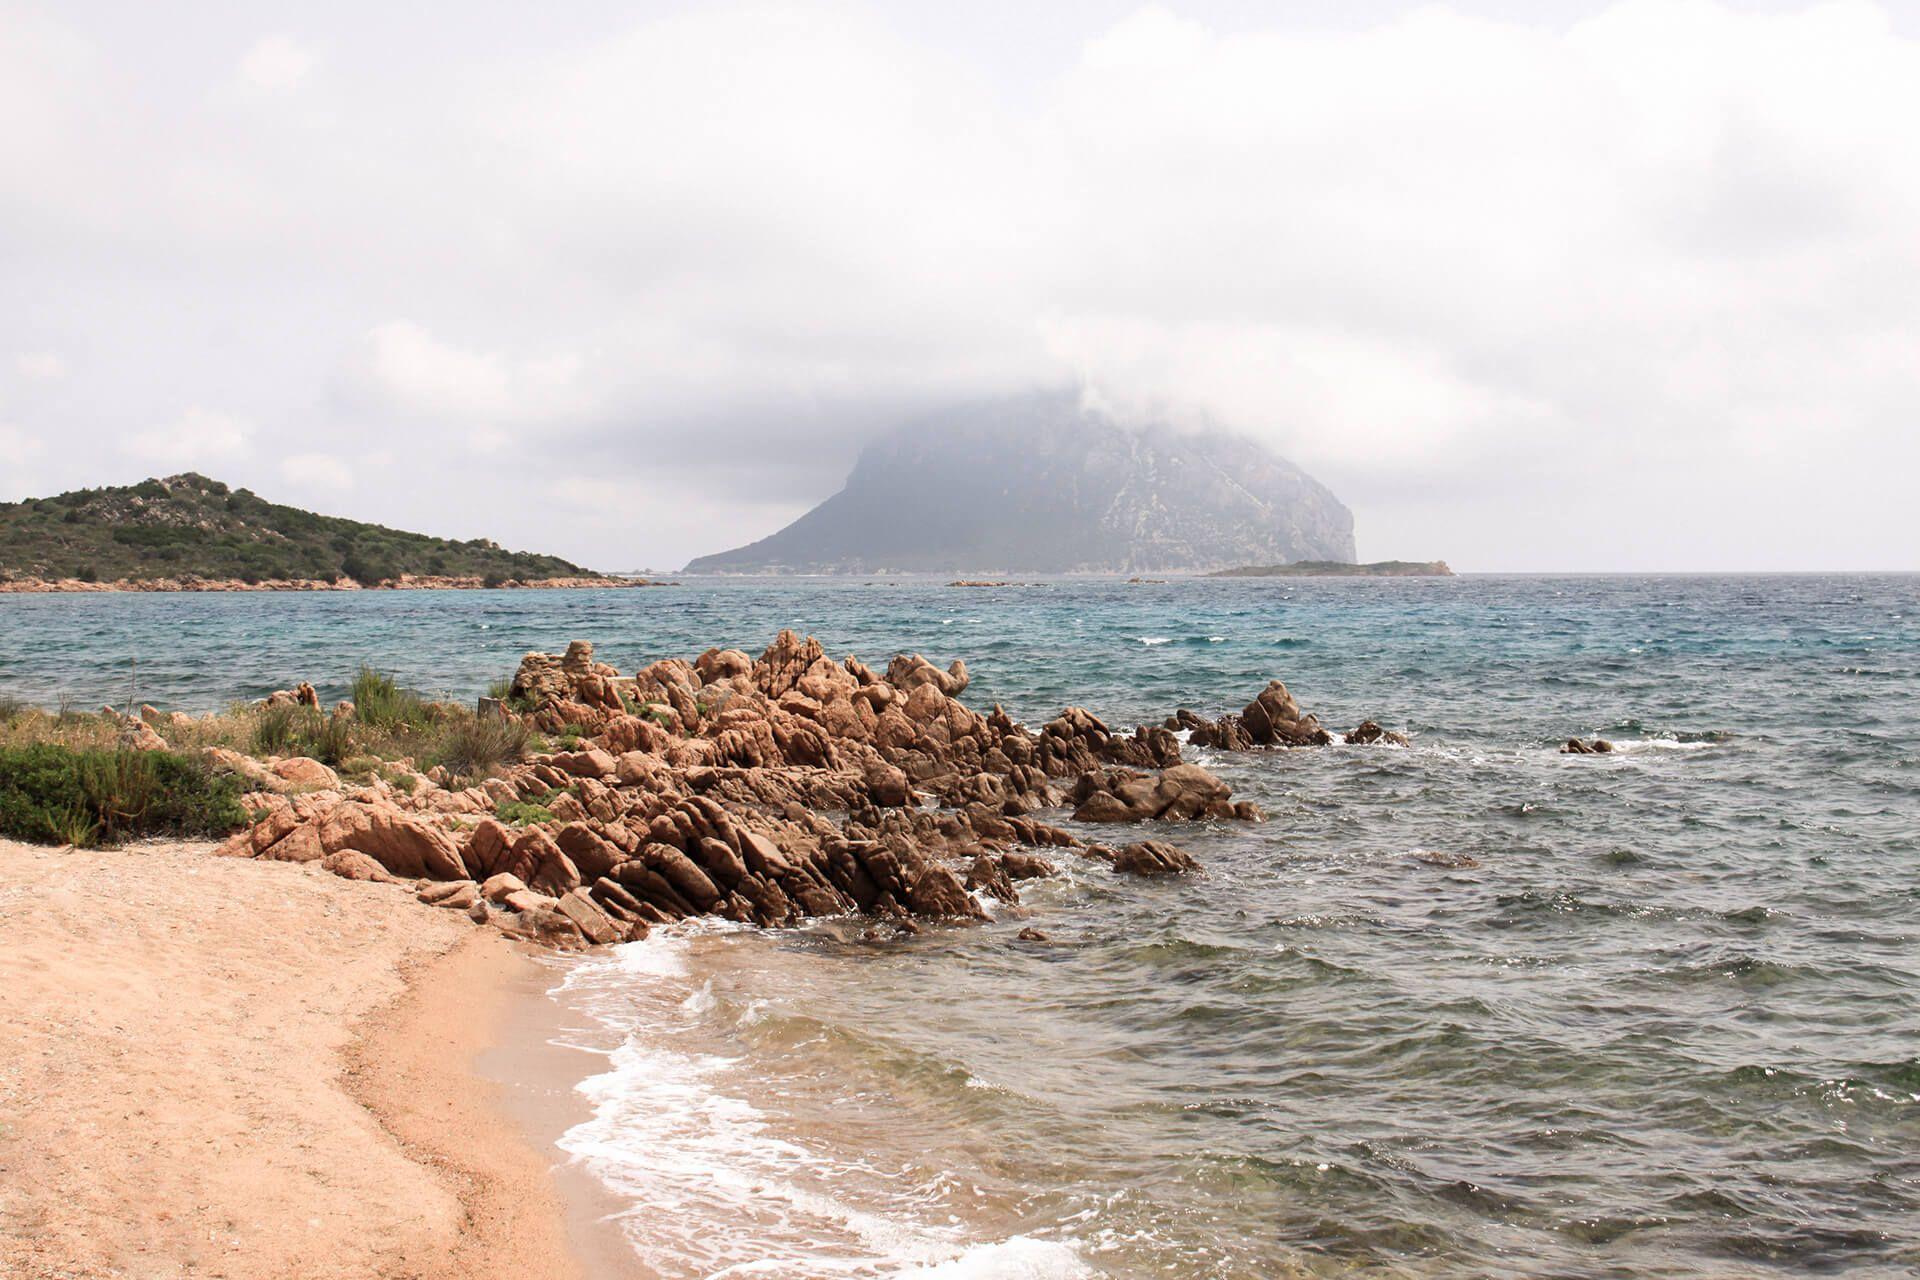 Meine Sardinien Reisetipps und die schönsten Strände der Insel habe ich in meinem Blog für euch zusammengestellt.